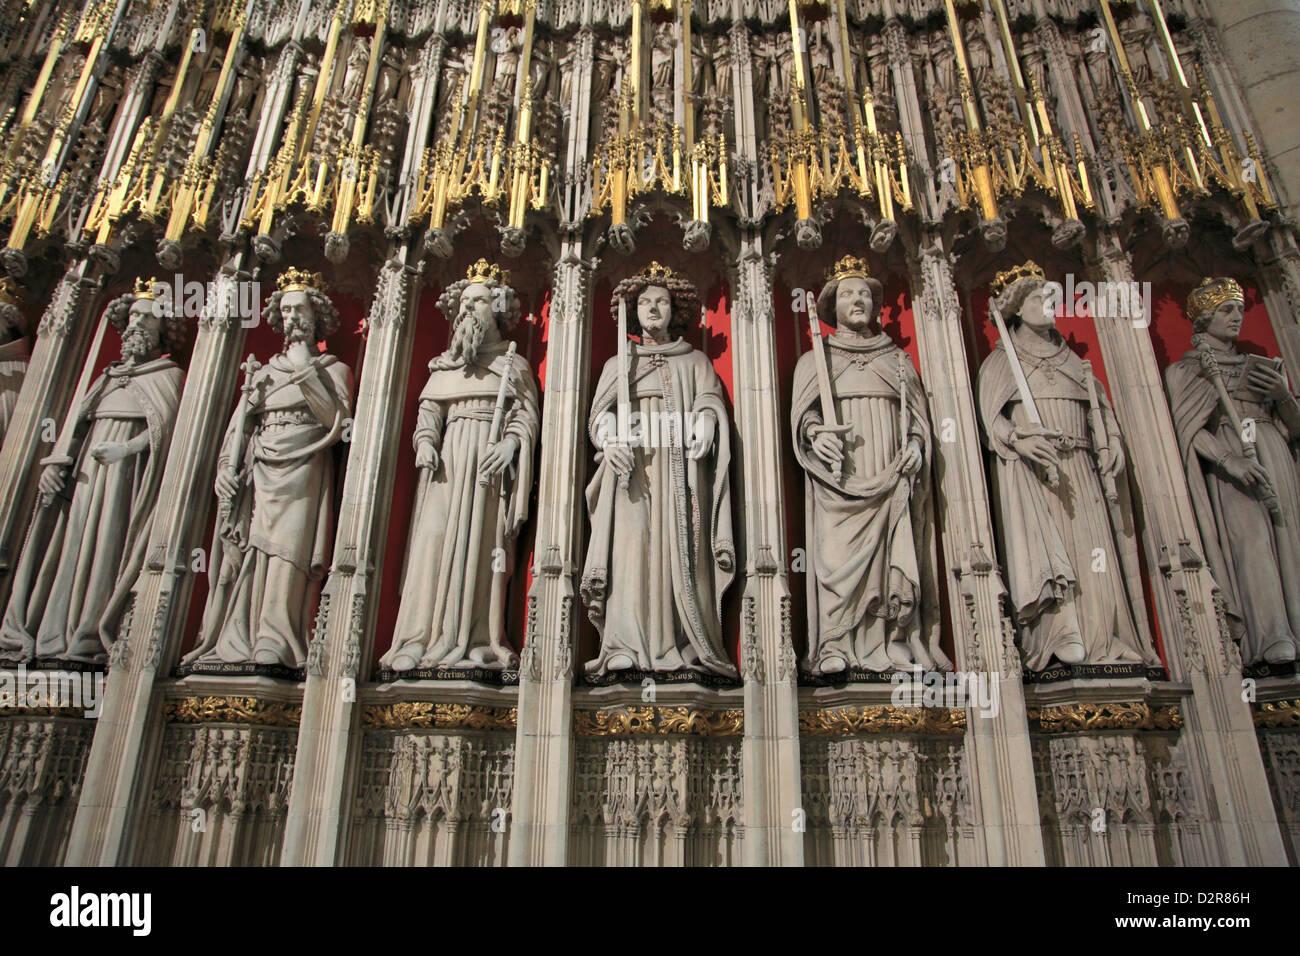 Las estatuas de santos, la Catedral de York, York, Yorkshire, Inglaterra, Reino Unido, Europa Imagen De Stock